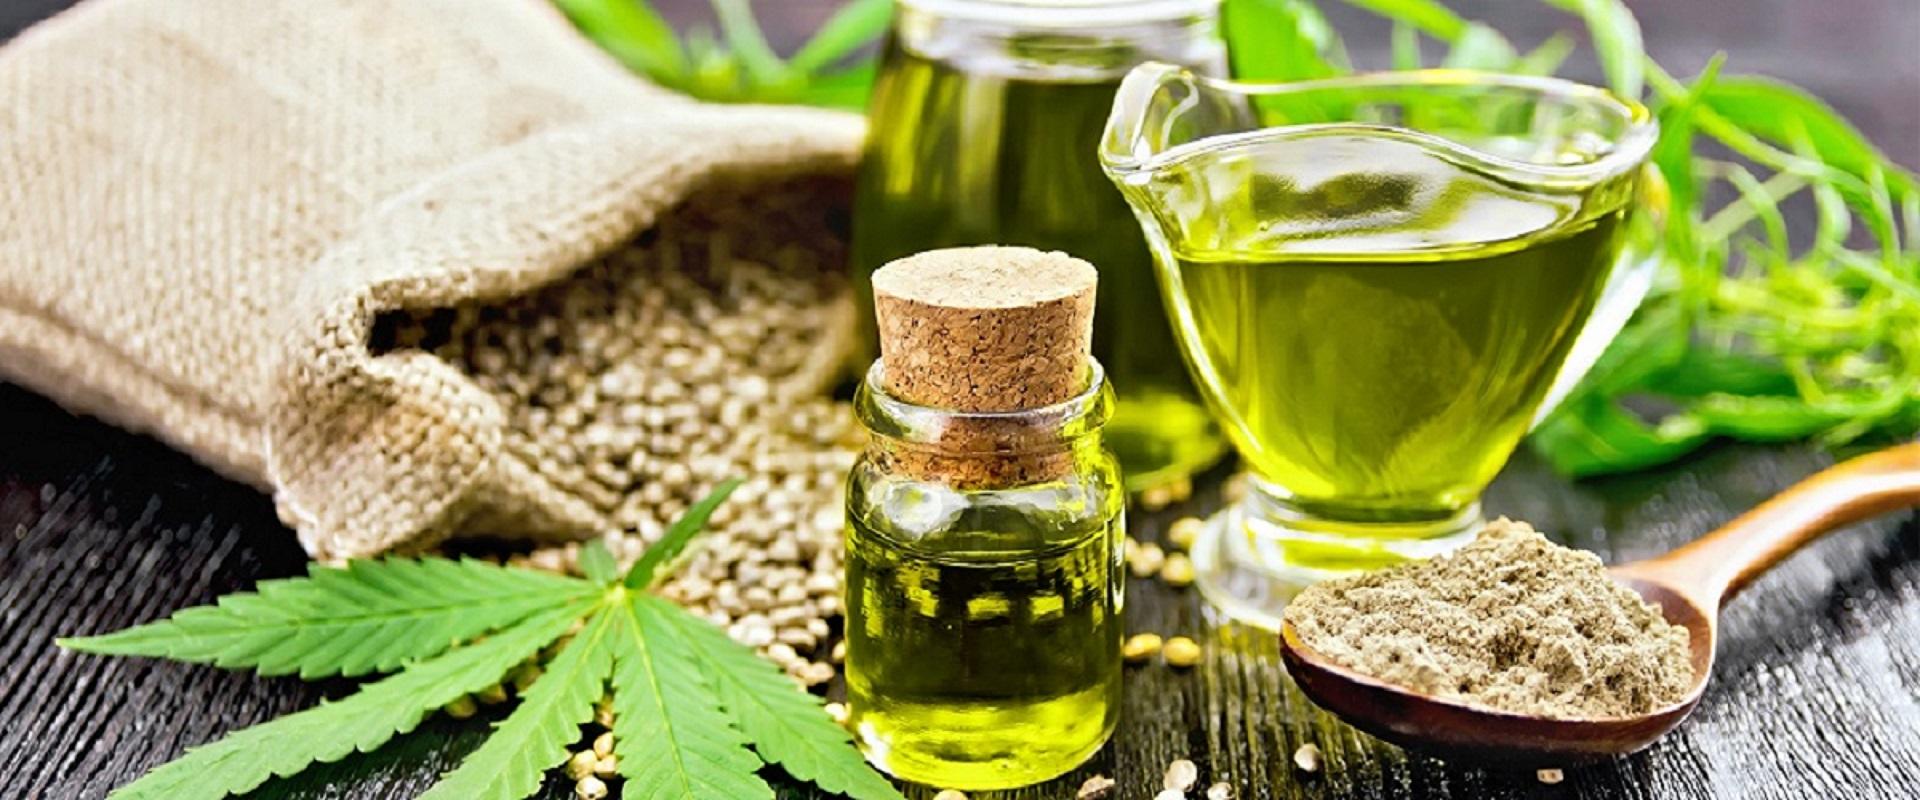 Cannabis, Oils & Edibles